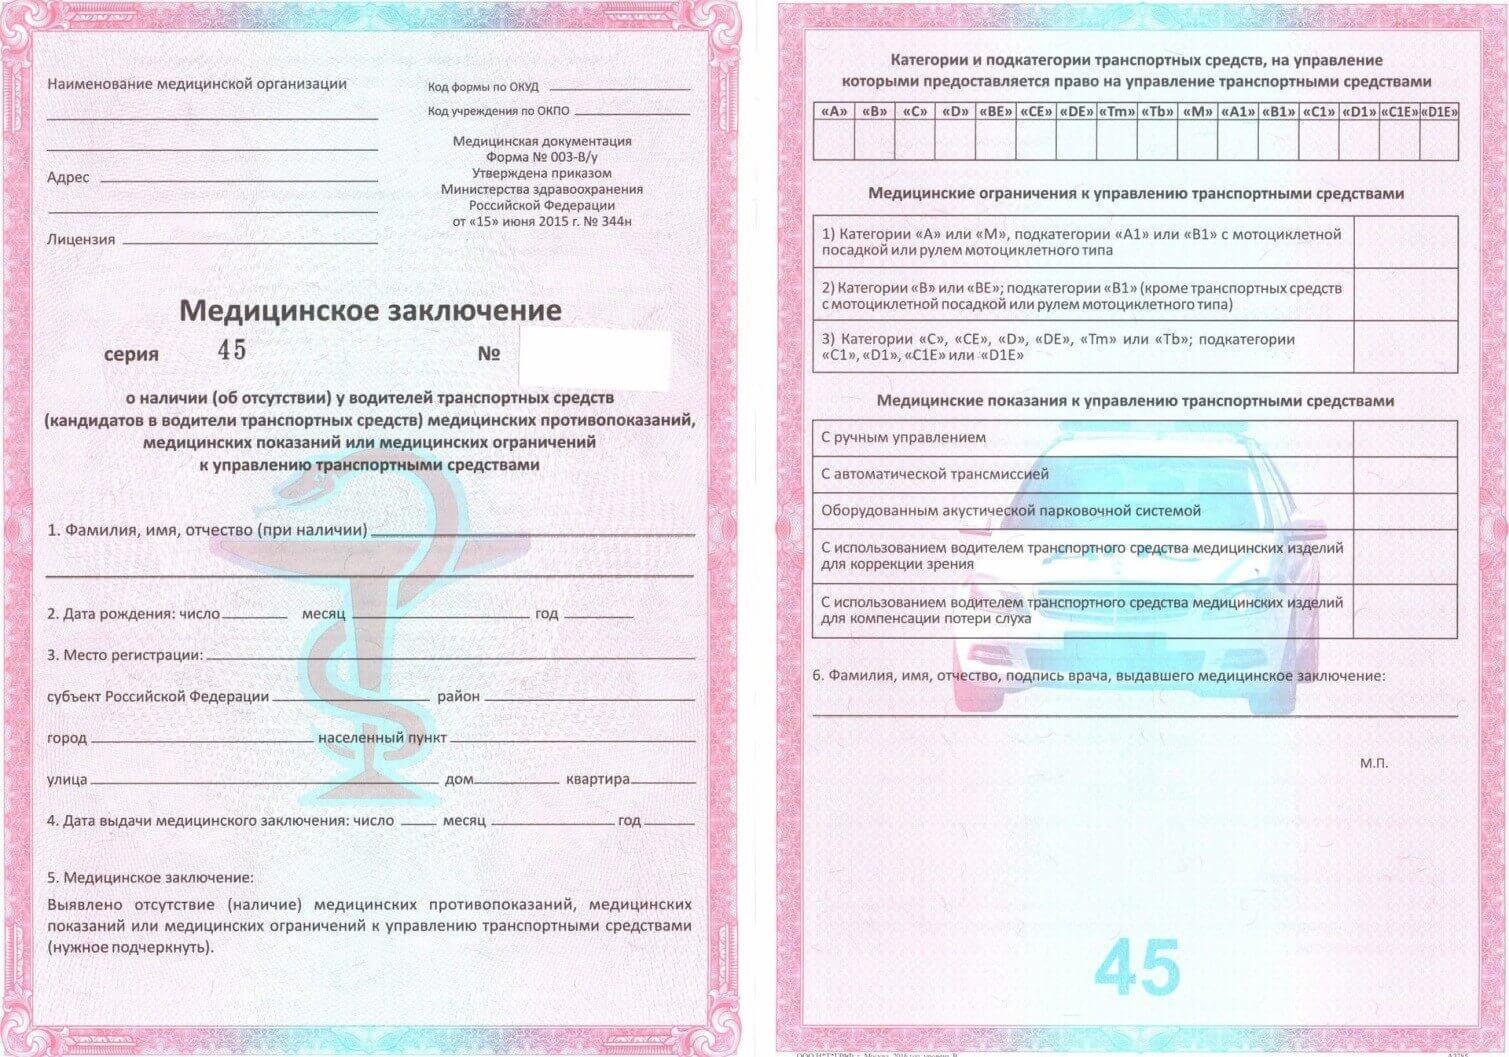 Справка в ГАИ 003 в у Савёловский район как определить рак груди по анализам крови